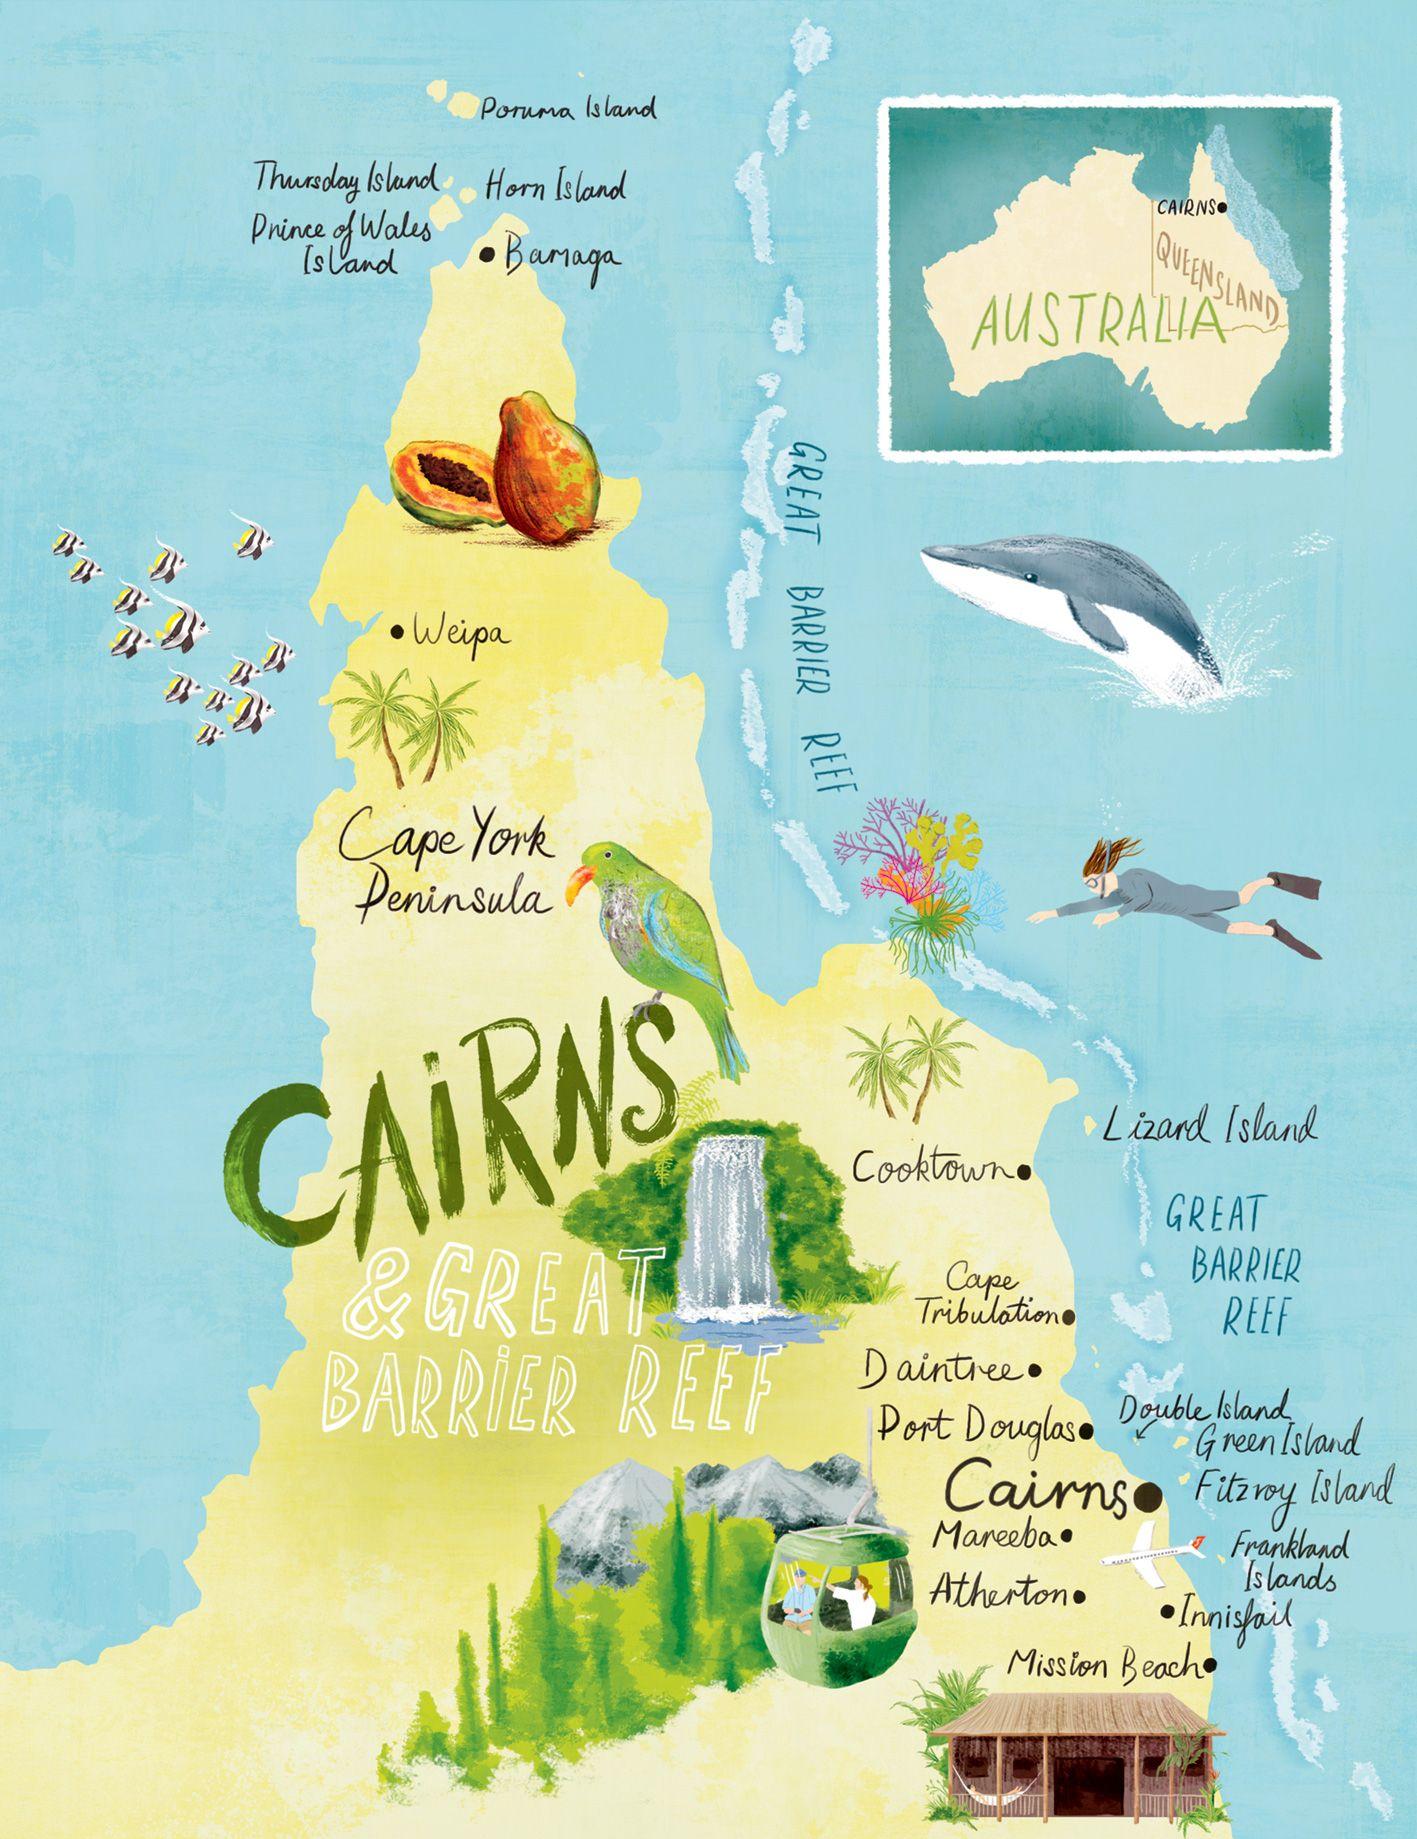 Great Barrier Reef Karte.Cairns Great Barrier Reef Map Scott Jessop Maps In 2019